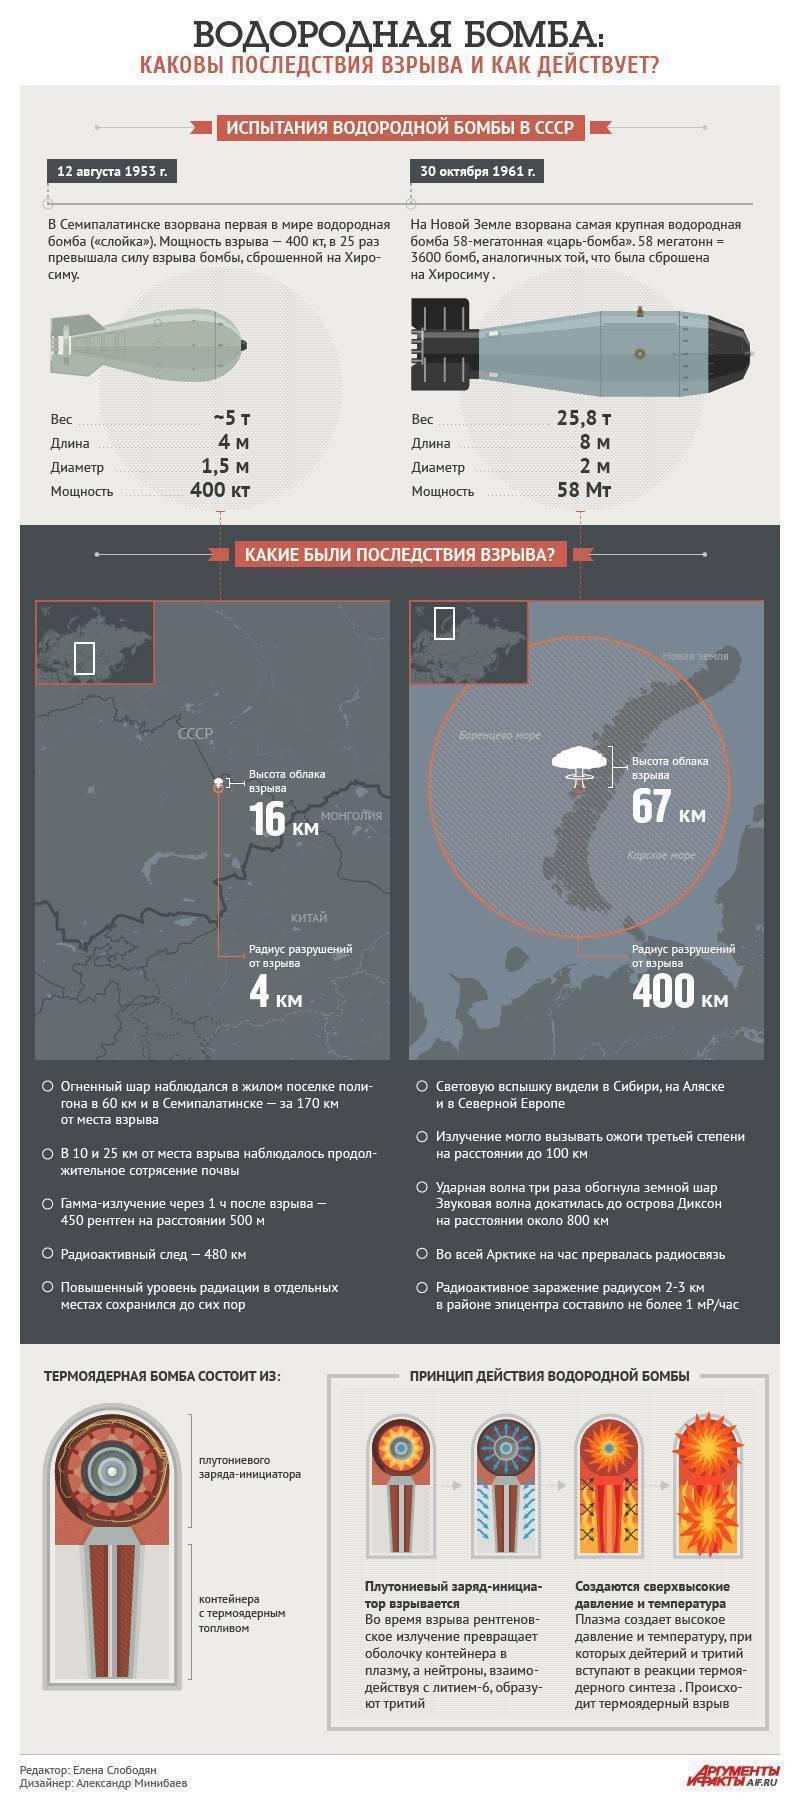 Ядерное оружие: может ли бомба оказаться «не втех» руках